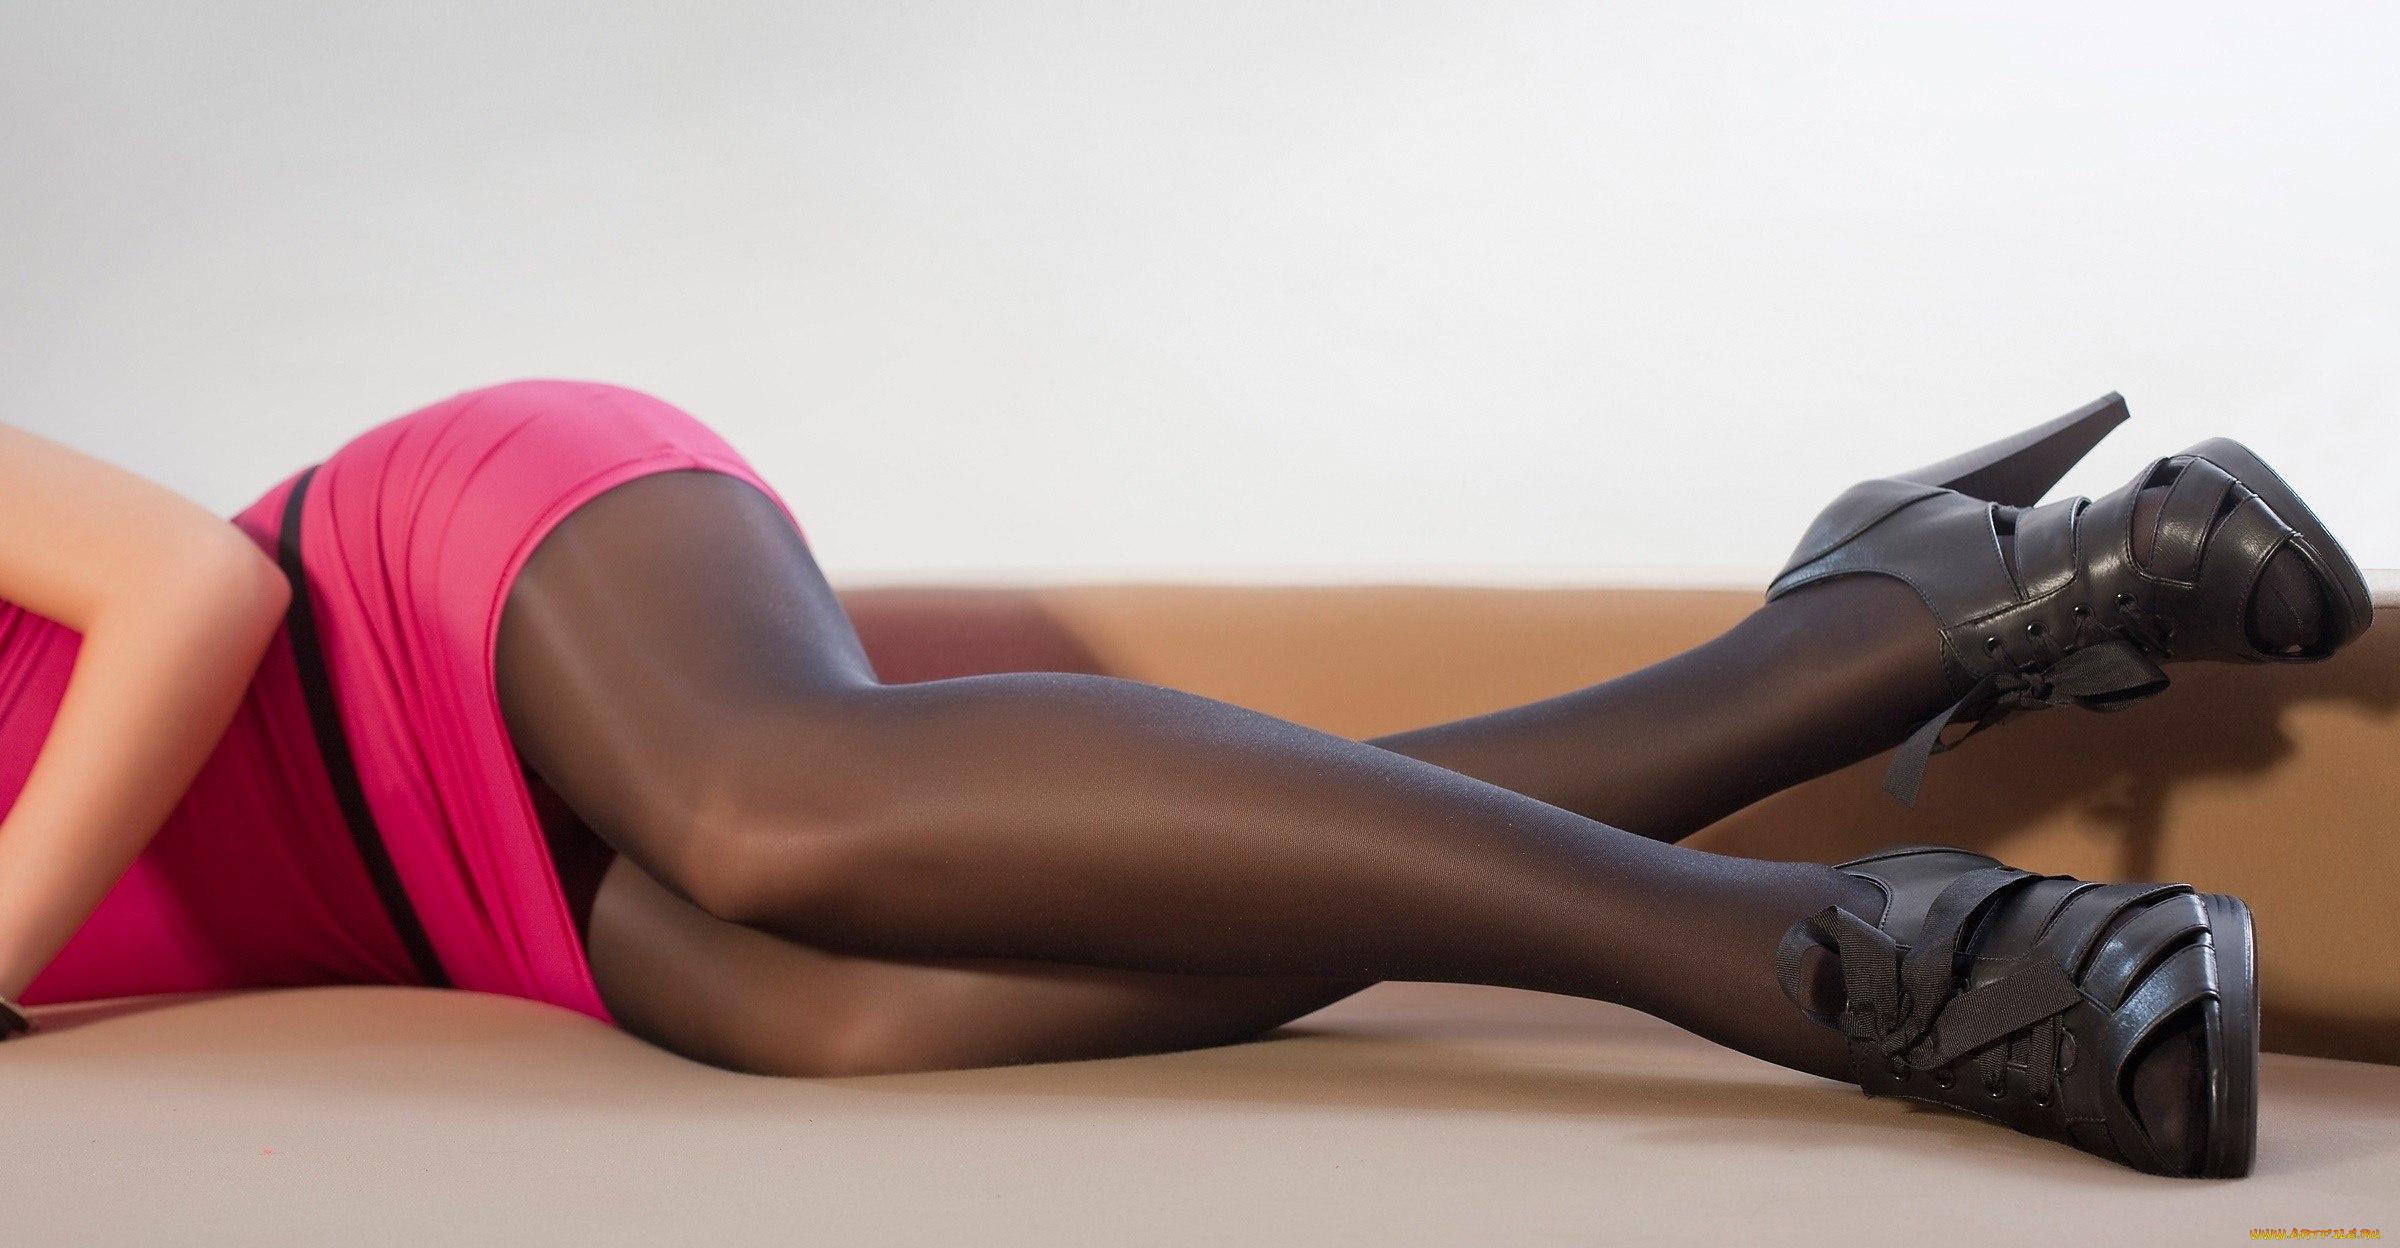 Порно фото женщина ножки колготки мужа